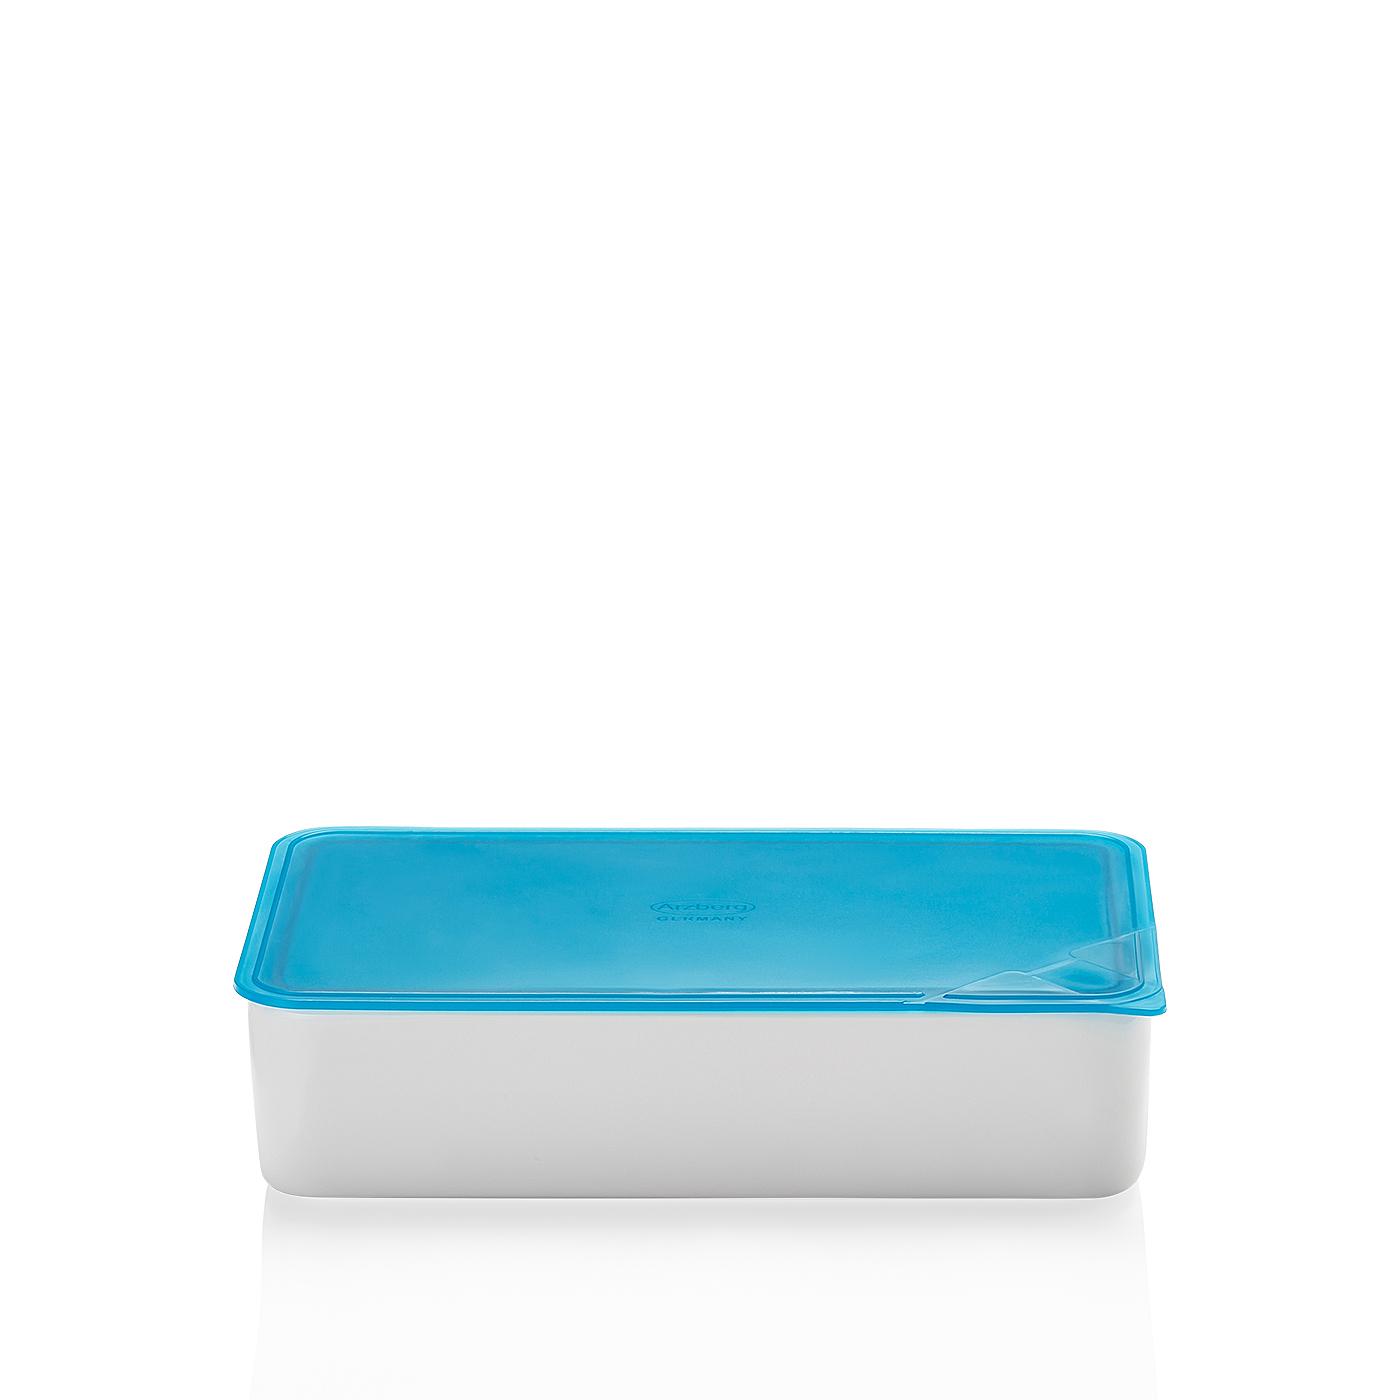 Frischebox 15x25 cm Küchenfreunde Kunststoff türkis Arzberg